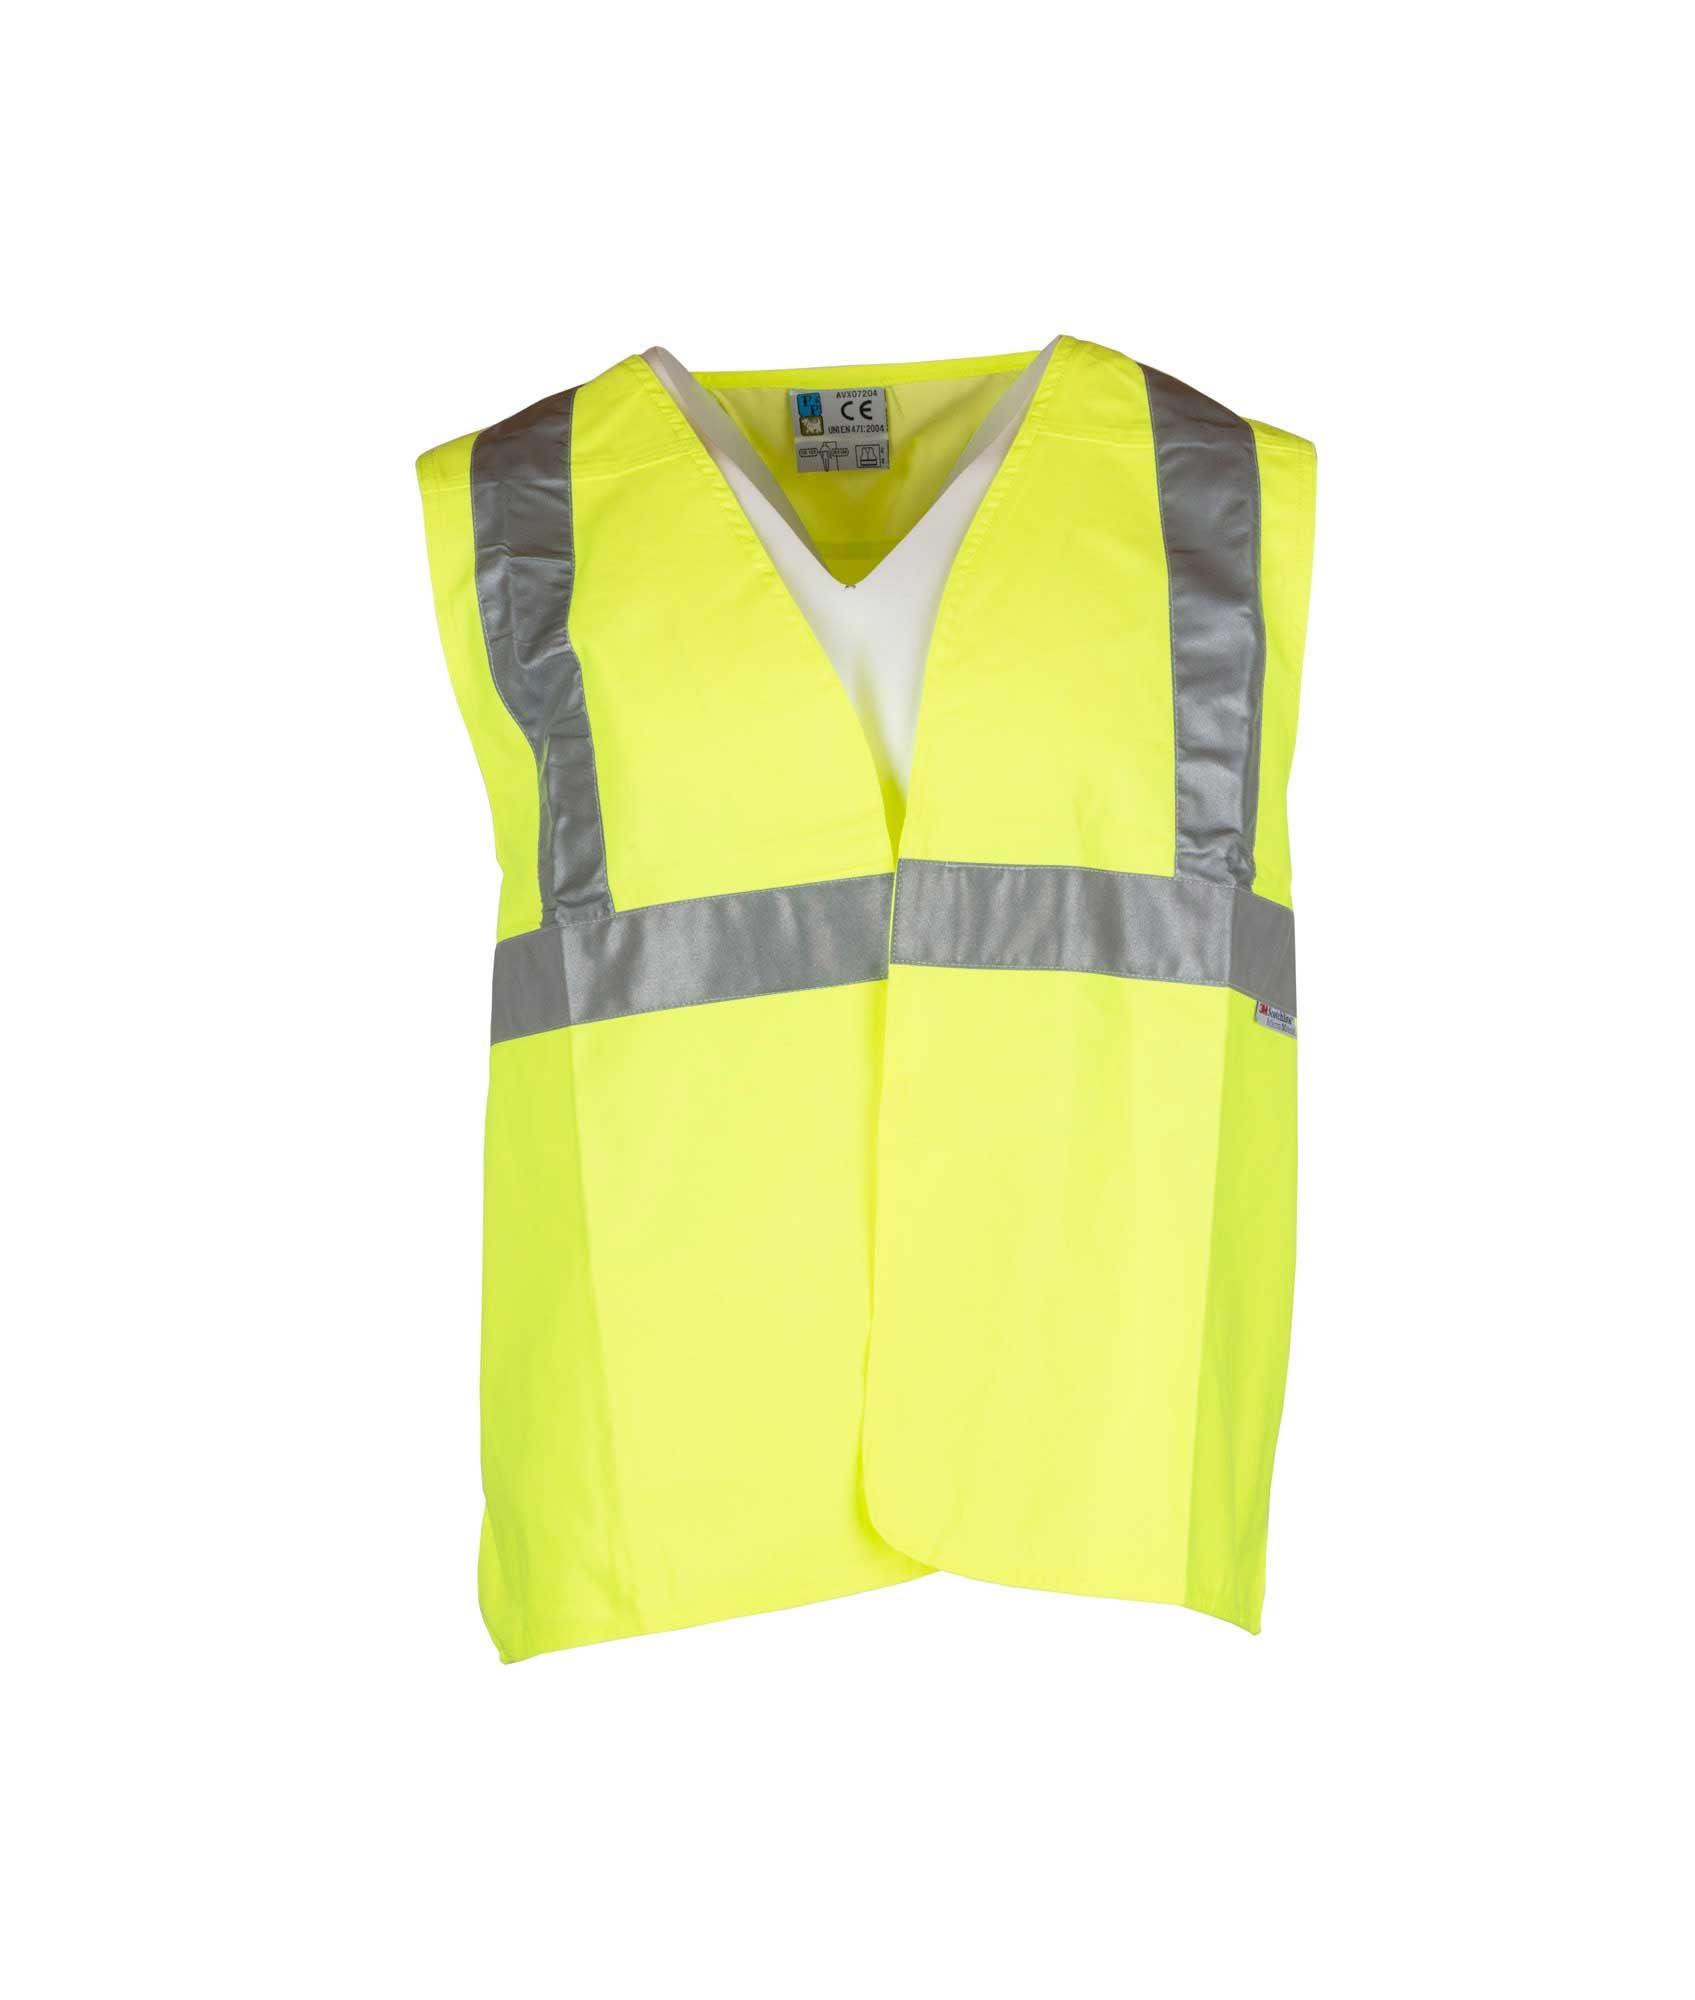 fe3a6938 Køb gul P&P sikkerhedsvest med reflekser hos 417.dk